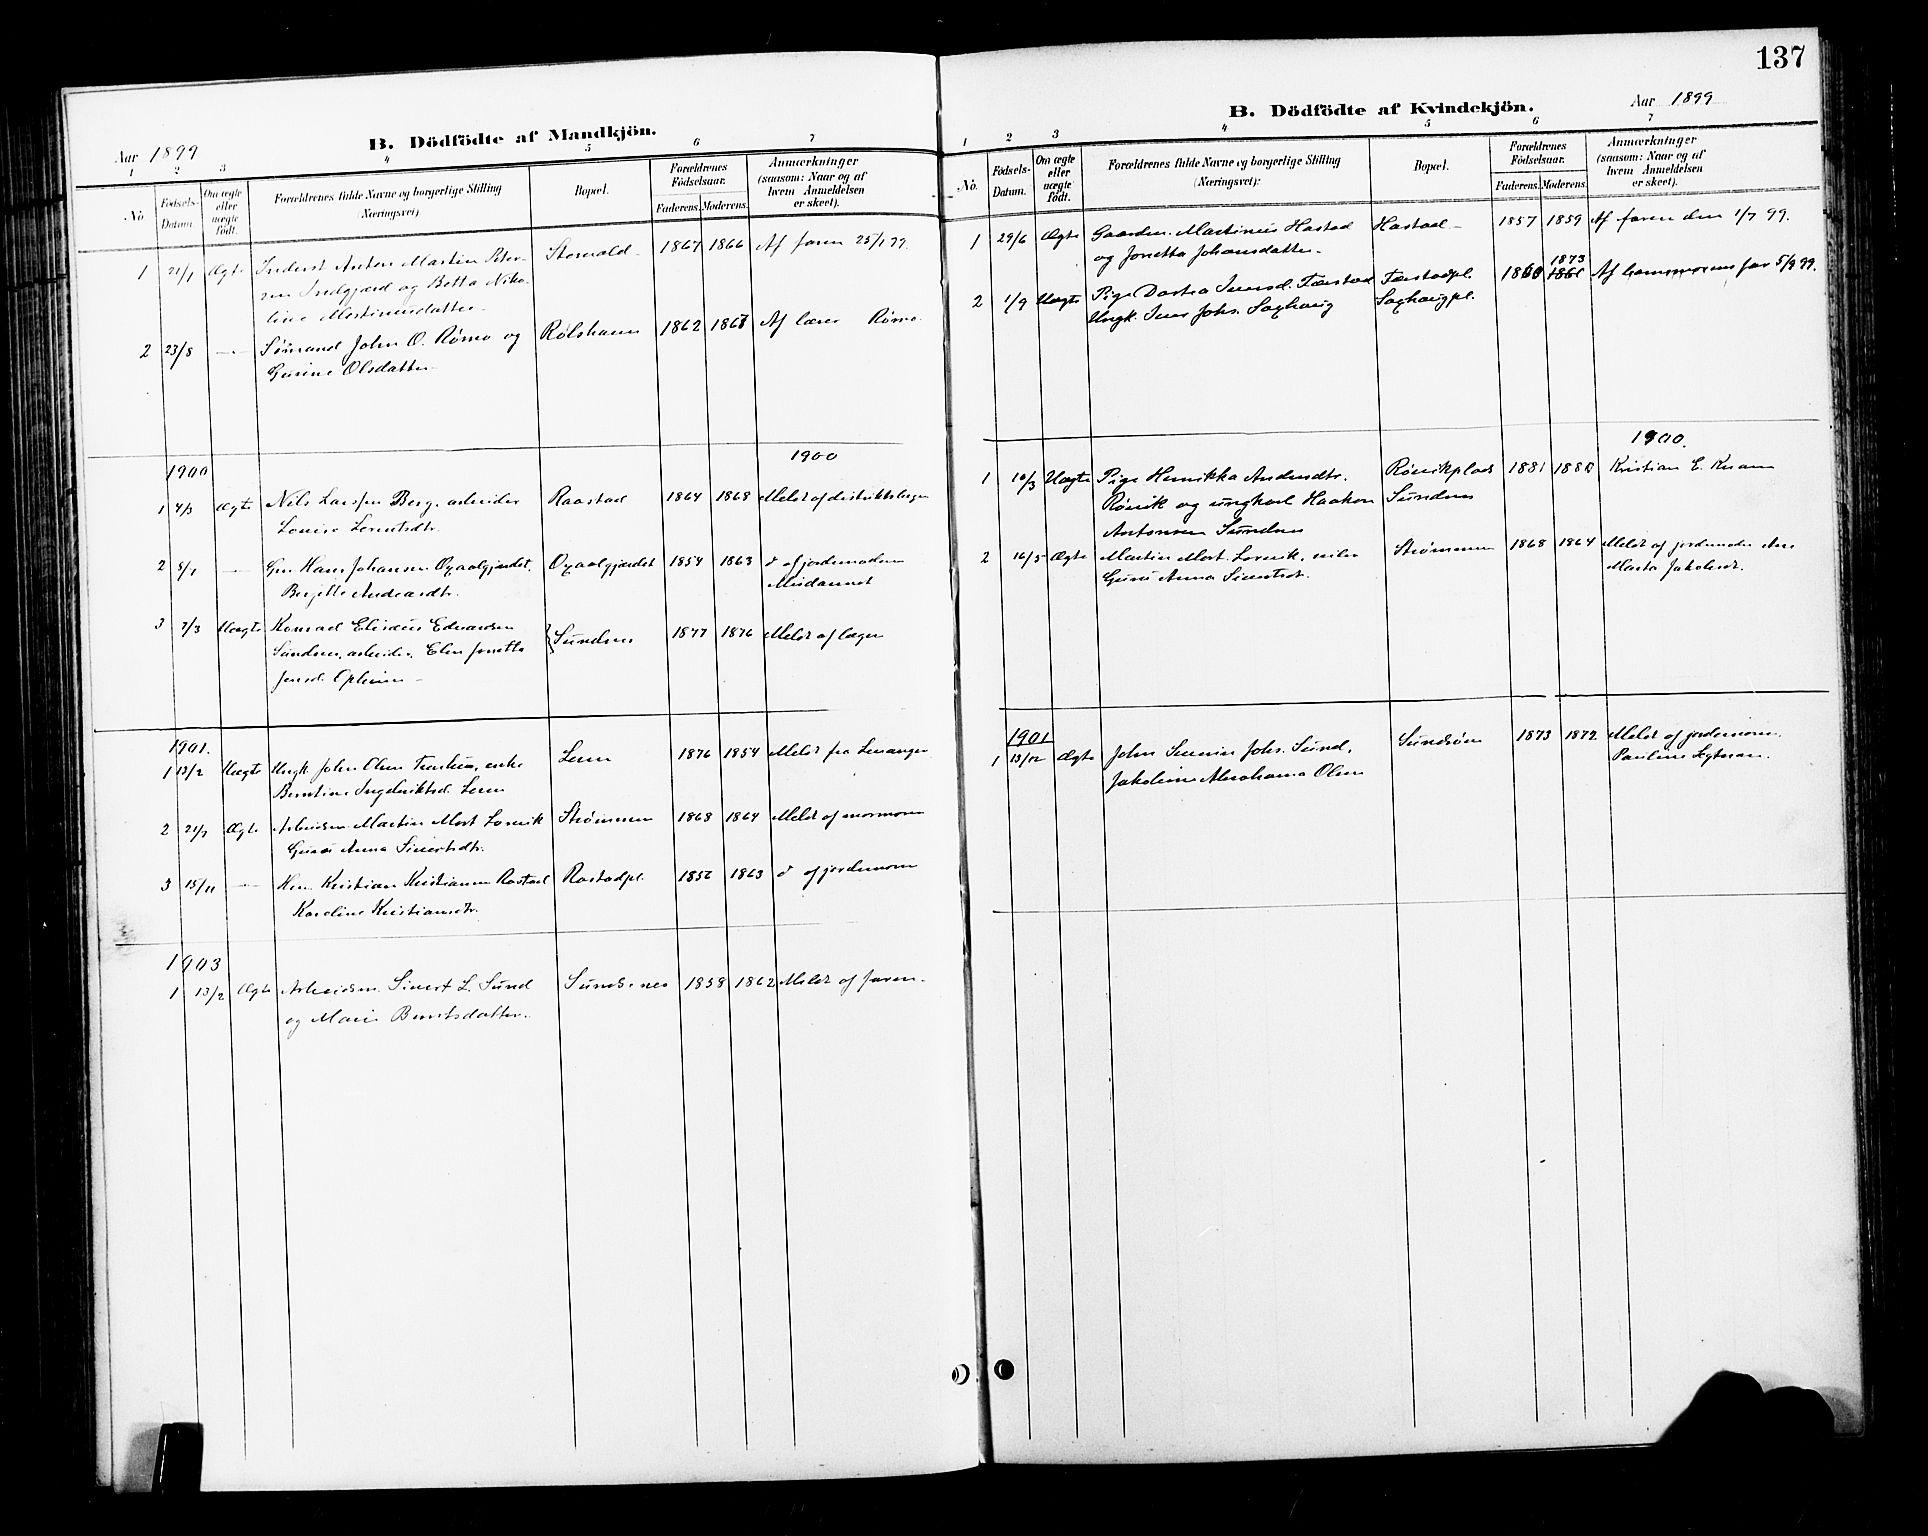 SAT, Ministerialprotokoller, klokkerbøker og fødselsregistre - Nord-Trøndelag, 730/L0302: Klokkerbok nr. 730C05, 1898-1924, s. 137